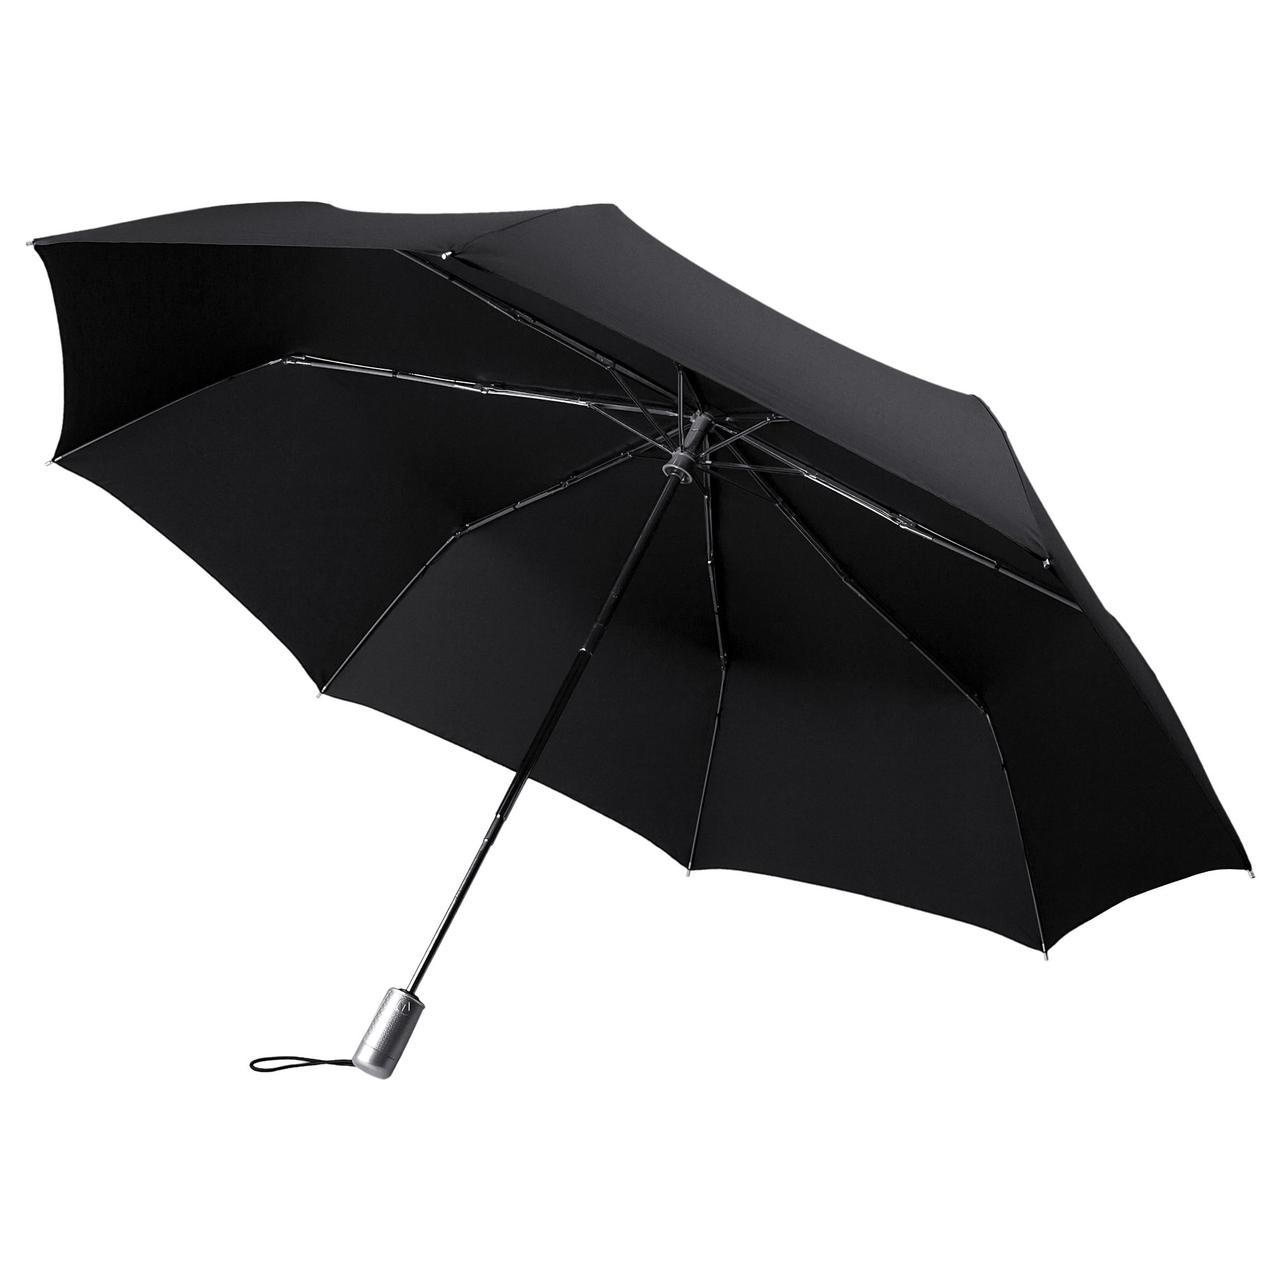 Складной зонт Alu Drop Golf, 3 сложения, автомат, черный